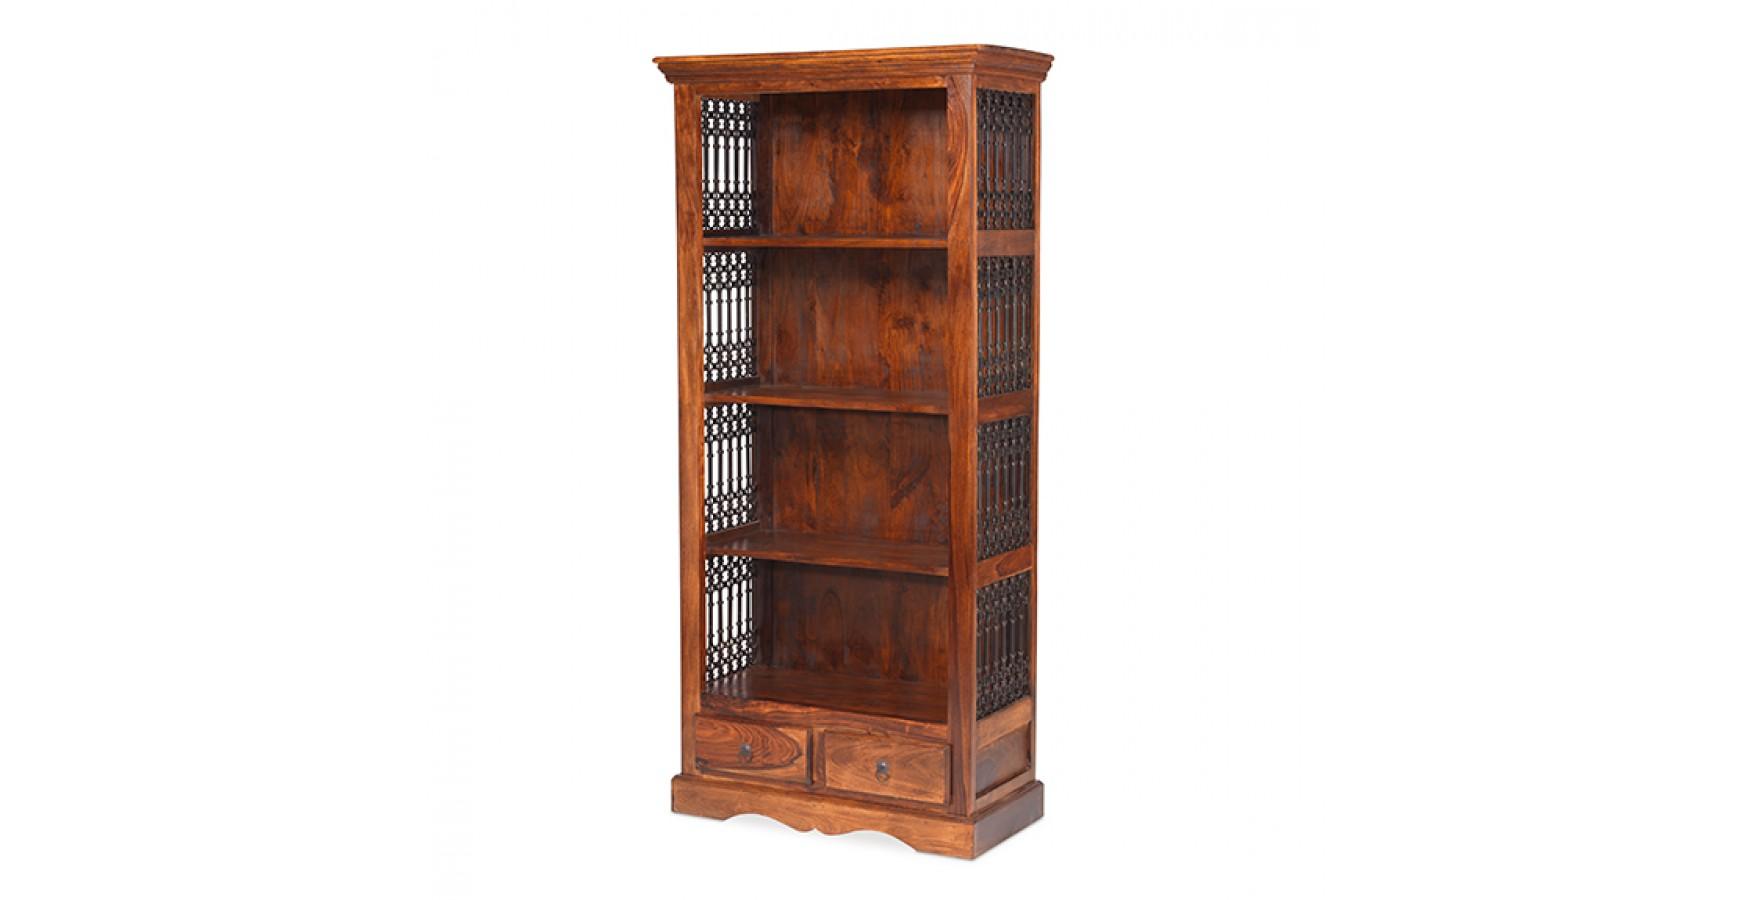 Jali Sheesham Tall Square Bookcase Lifestyle Furniture Uk